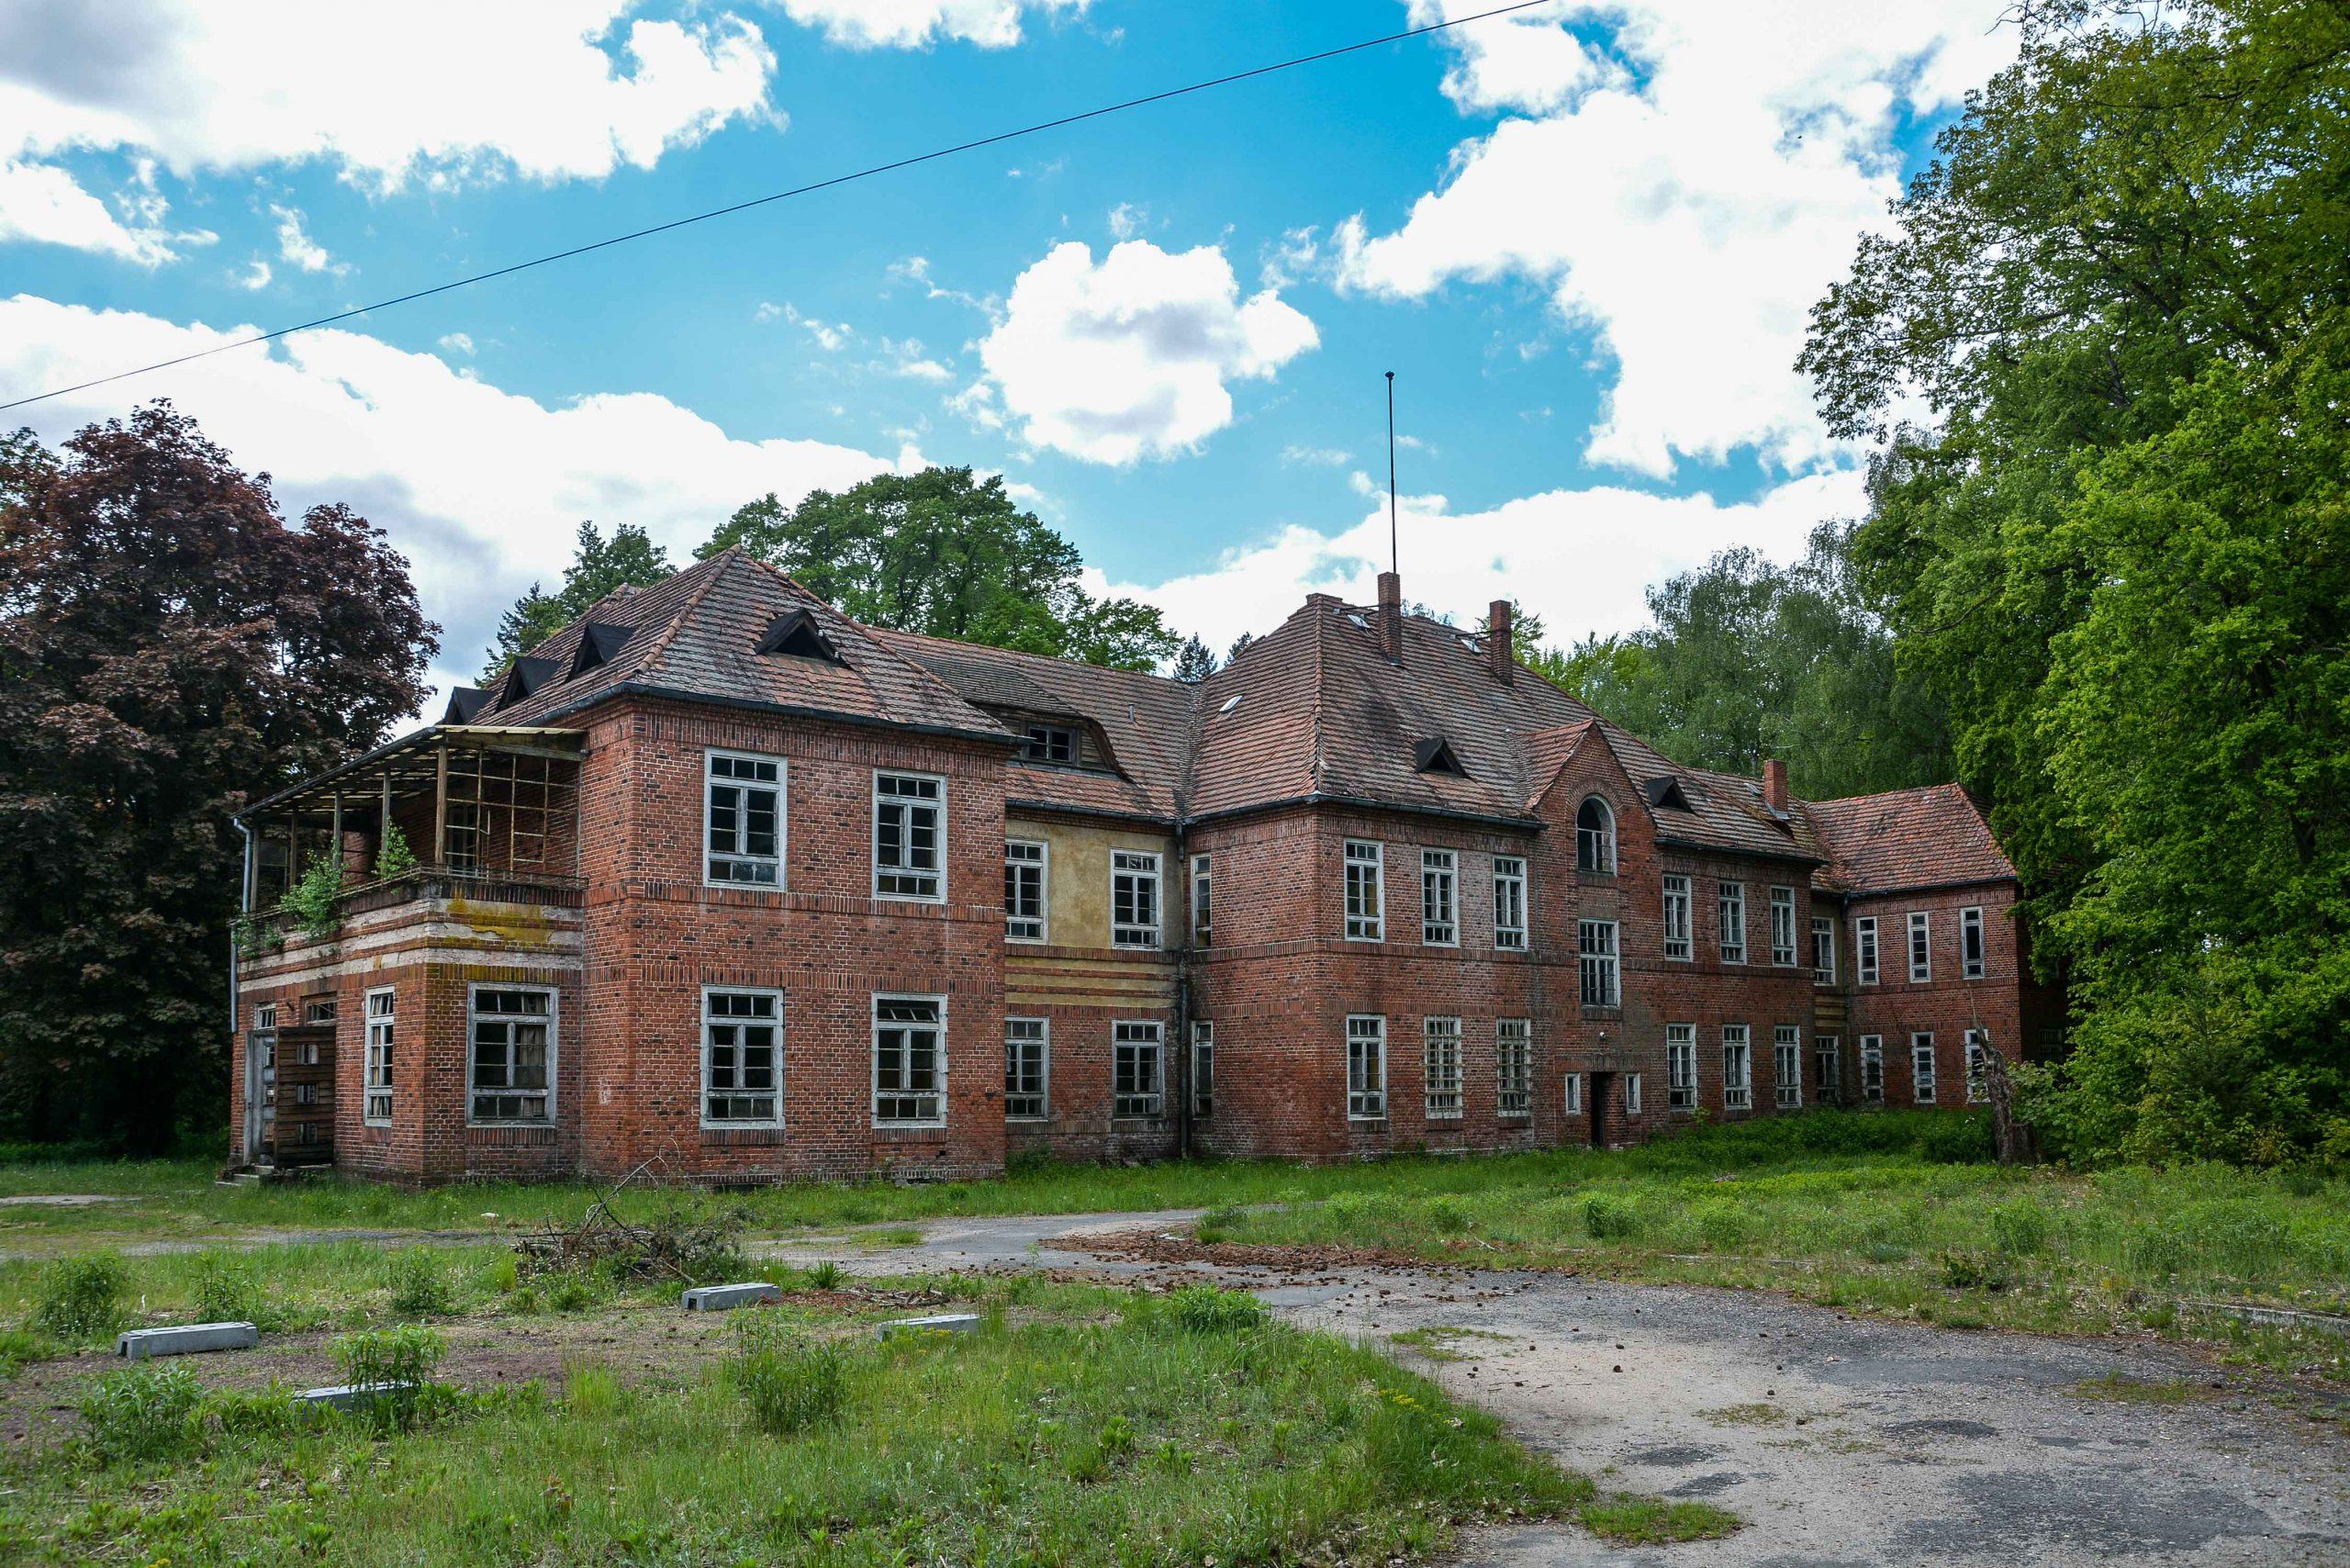 administration building tuberkulose heilstaette grabowsee sanatorium hospital oranienburg lost places abandoned urbex brandenburg germany deutschland